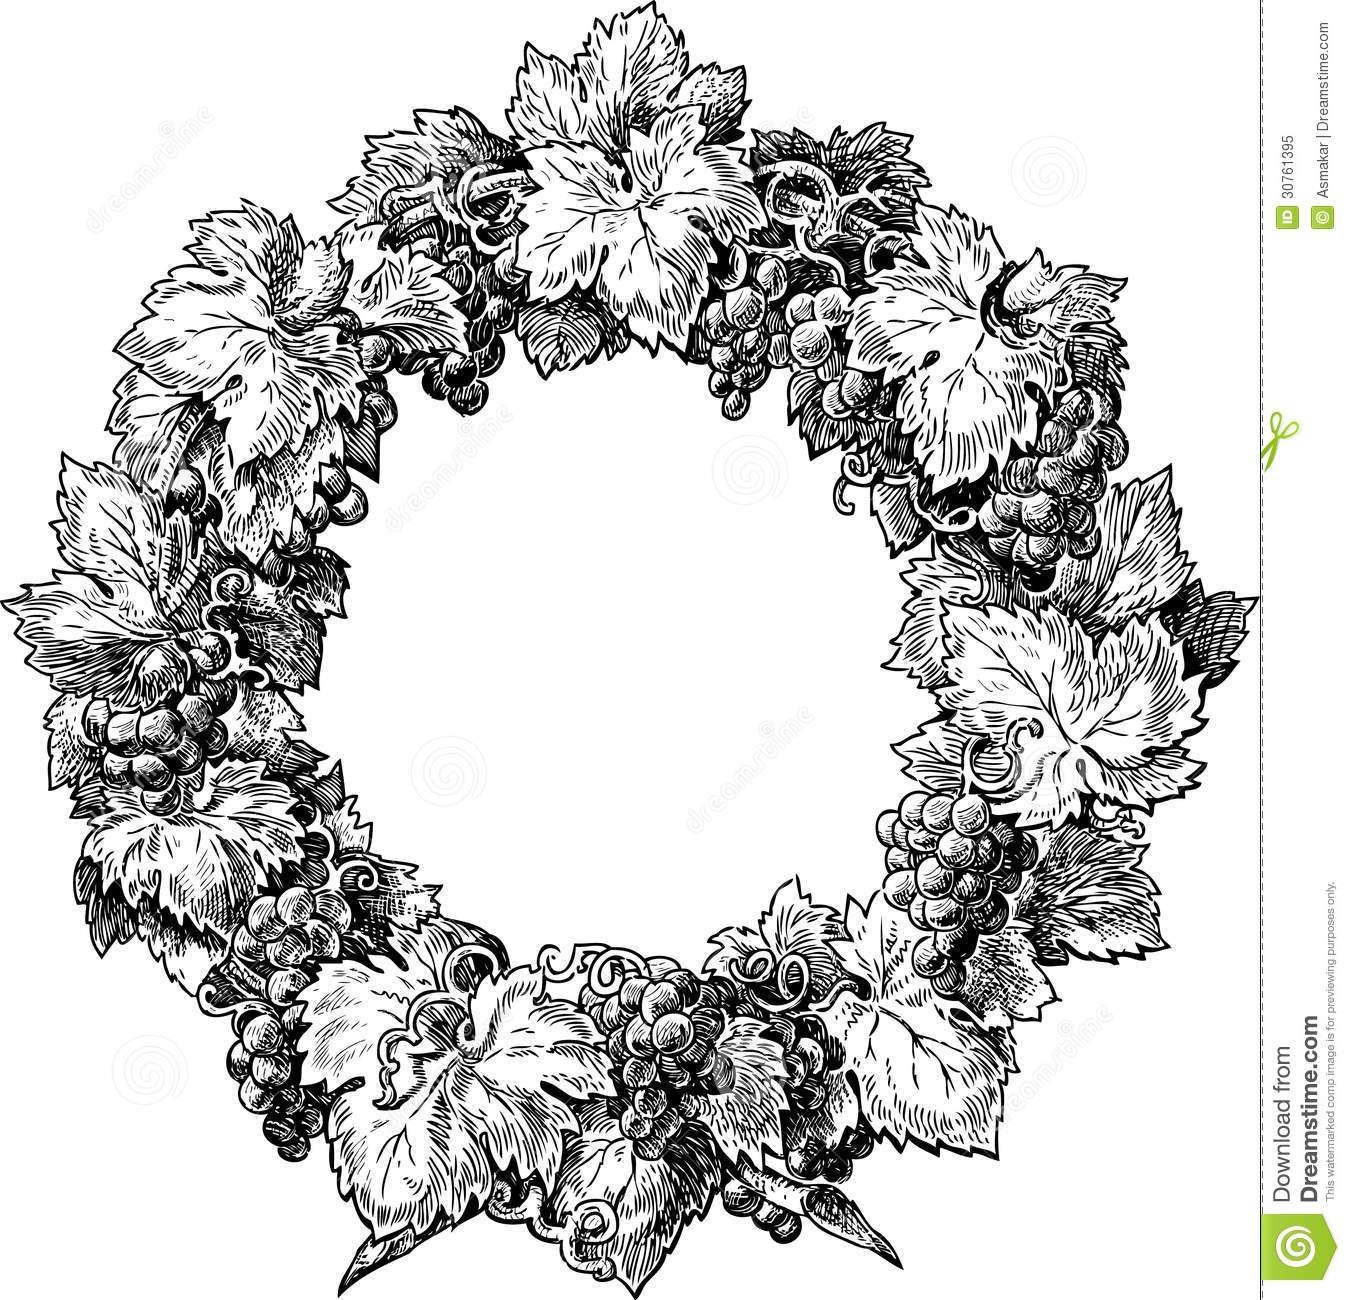 Vine Wreath Clipart Images